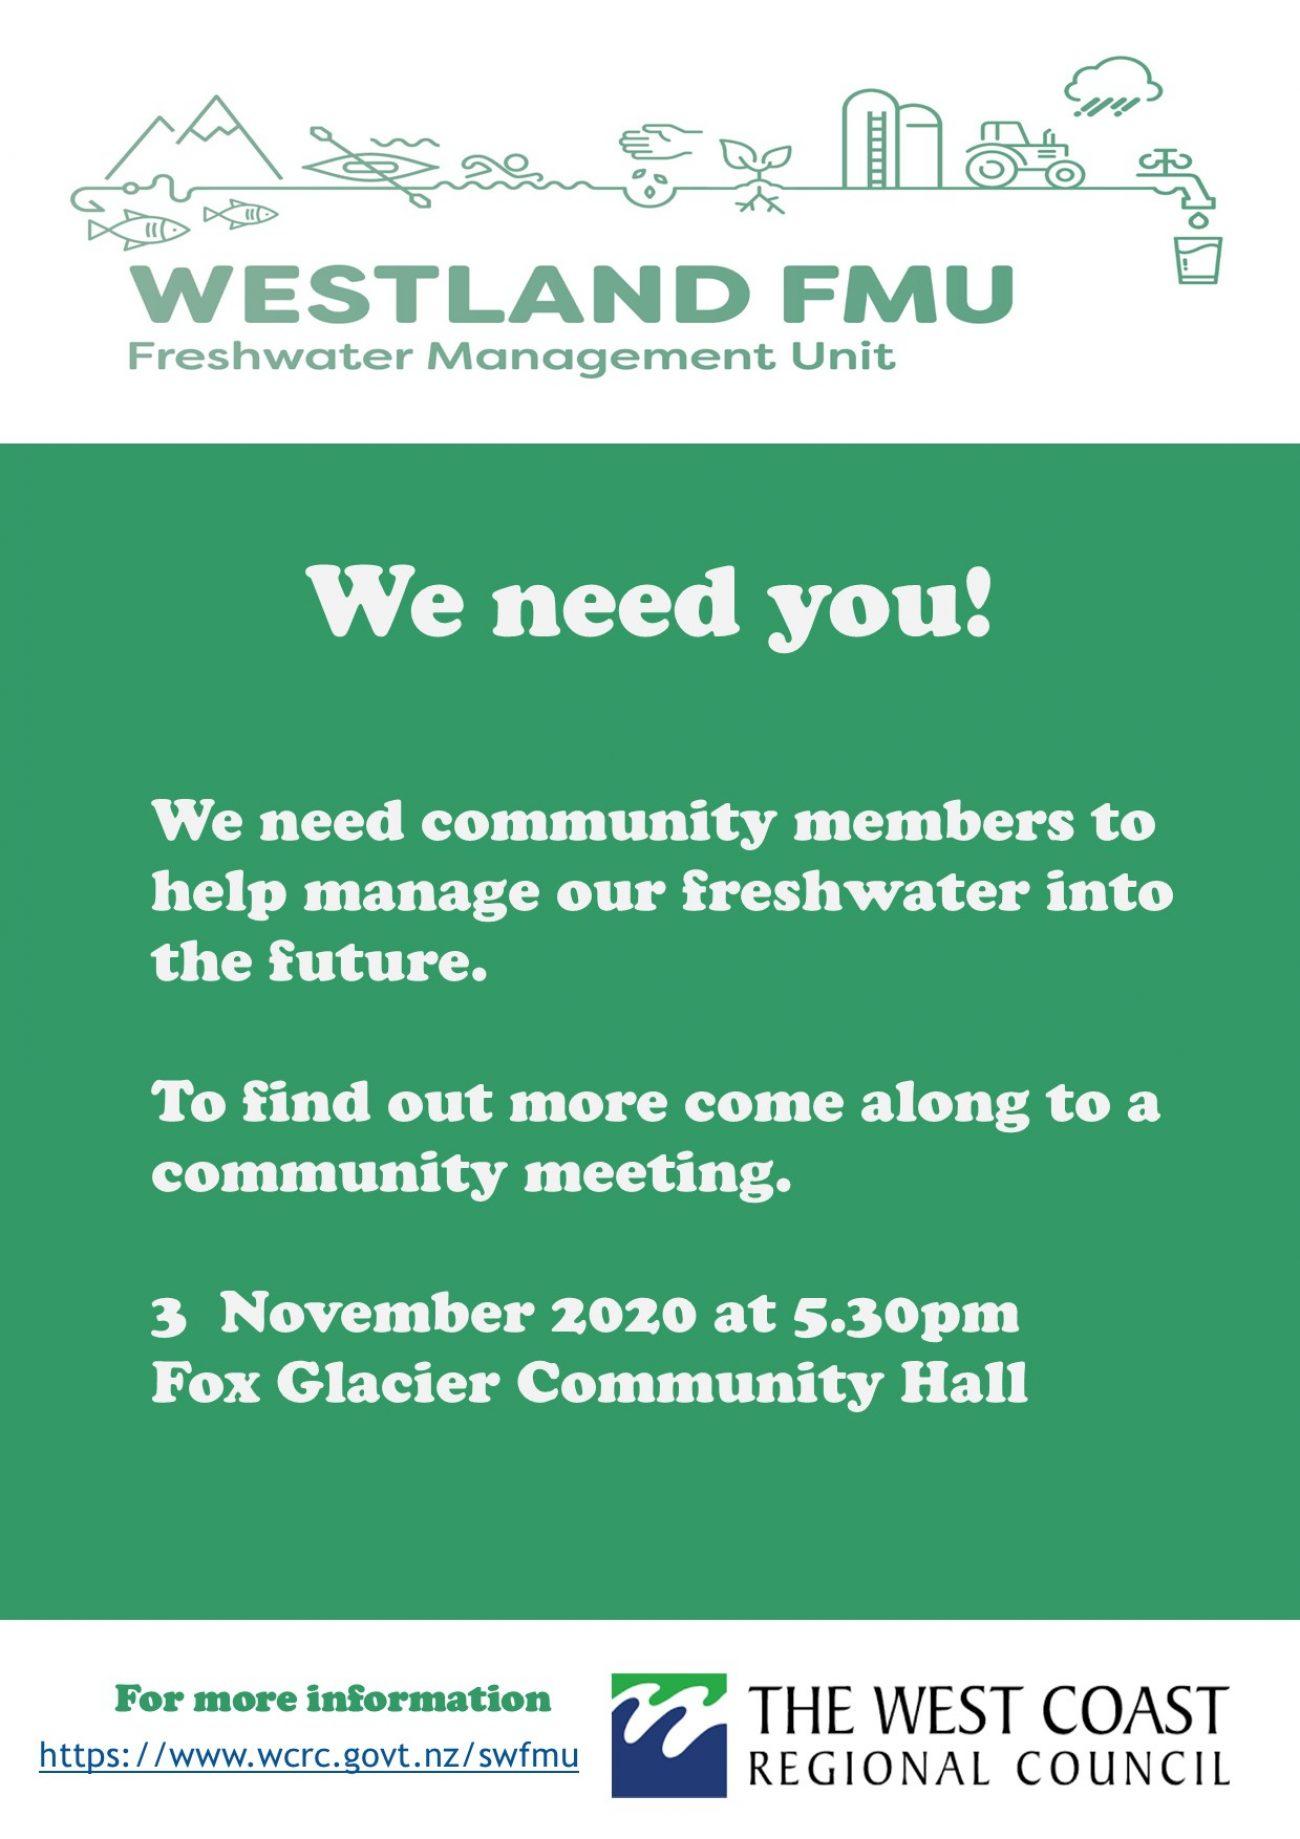 South Westland Freshwater Management Unit